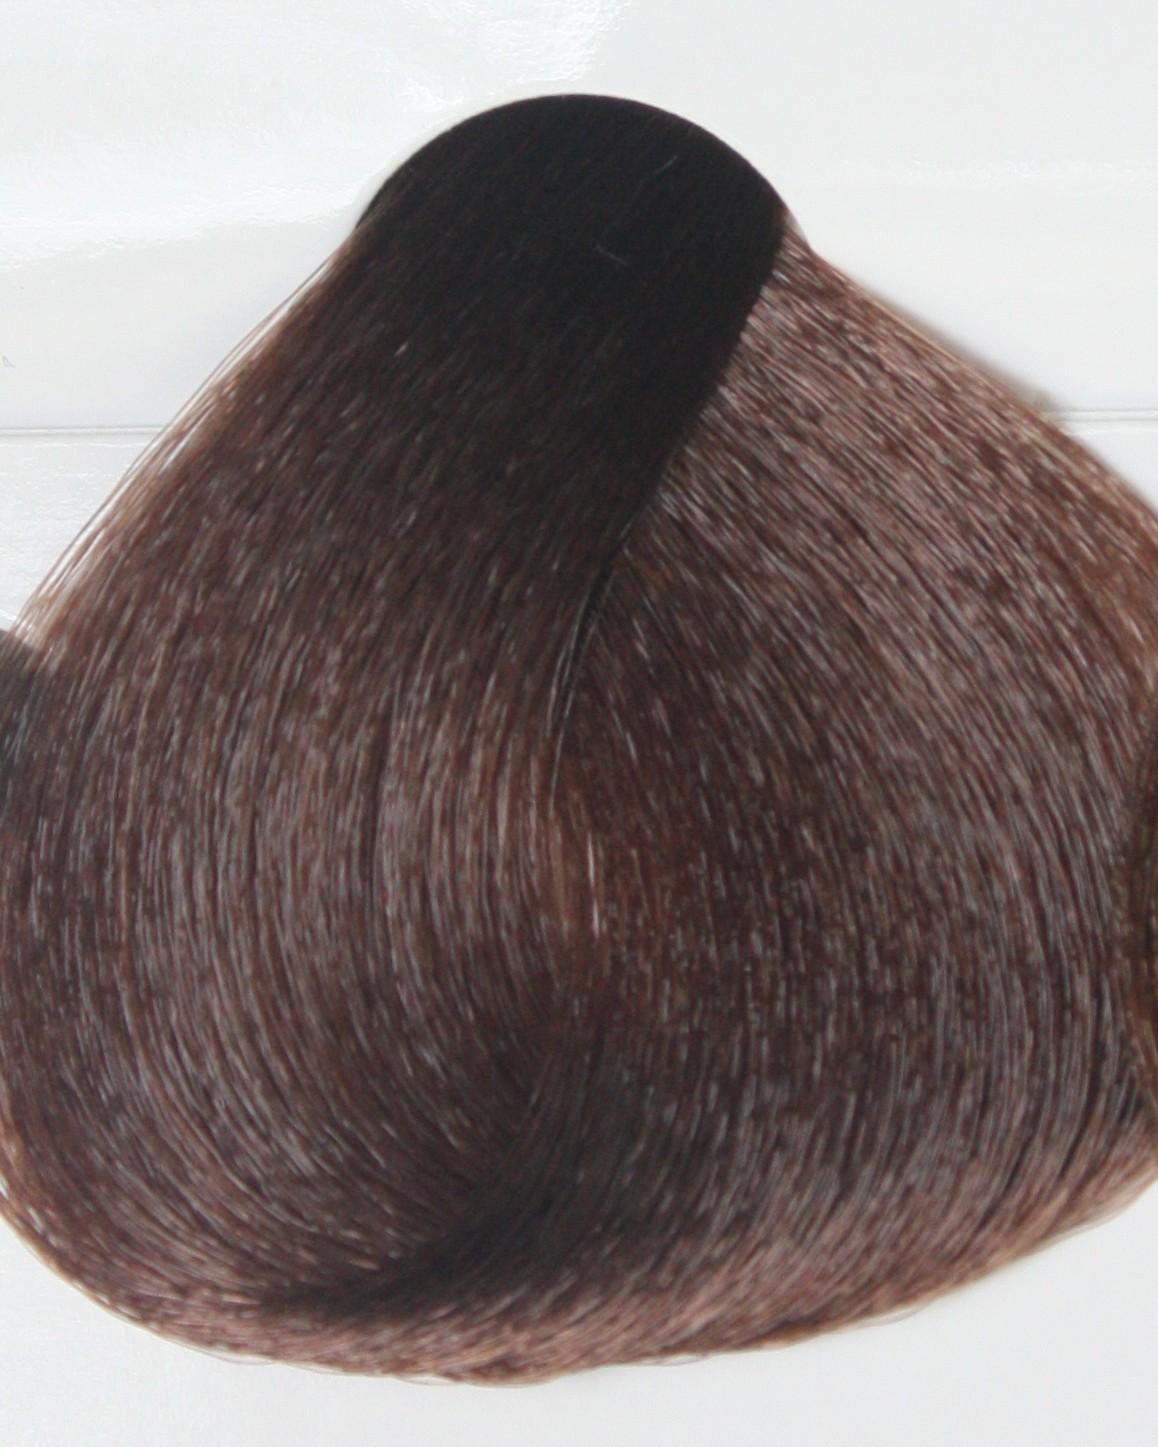 KAPOUS 5.23 краска для волос / Professional coloring 100млКраски<br>Оттенок 5.23 Светло-коричневый перламутрово-бежевый блонд. Стойкая крем-краска для перманентного окрашивания и для интенсивного косметического тонирования волос, содержащая натуральные компоненты. Активные ингредиенты, основанные на растительных экстрактах, позволяют достигать желаемого при окрашивании натуральных, уже окрашенных или седых волос. Благодаря входящей в состав крем краски сбалансированной ухаживающей системы, в процессе окрашивания волосы получают бережный восстанавливающий уход. Представлена насыщенной и яркой палитрой, содержащей 106 оттенков, включая 6 усилителей цвета. Сбалансированная система компонентов и комбинация косметических масел предотвращают обезвоживание волос при окрашивании, что позволяет сохранить цвет и натуральный блеск на долгое время. Крем-краска окрашивает волосы, бережно воздействуя на структуру, придавая им роскошный блеск и натуральный вид. Надежно и равномерно окрашивает седые волосы. Разводится с Cremoxon Kapous 3%, 6%, 9% в соотношении 1:1,5. Способ применения: подробную инструкцию по применению см. на обороте коробки с краской. ВНИМАНИЕ! Применение крем-краски  Kapous  невозможно без проявляющего крем-оксида  Cremoxon Kapous . Краски отличаются высокой экономичностью при смешивании в пропорции 1 часть крем-краски и 1,5 части крем-оксида. ВАЖНО! Оттенки представленные на нашем сайте являются фотографиями цветовой палитры KAPOUS Professional, которые из-за различных настроек мониторов могут не передать всю глубину и насыщенность цвета. Для того чтобы результат окрашивания KAPOUS Professional вас не разочаровал, обращайте внимание на описание цвета, не забудьте правильно подобрать оксидант Cremoxon Kapous и перед началом работы внимательно ознакомьтесь с инструкцией.<br><br>Класс косметики: Косметическая